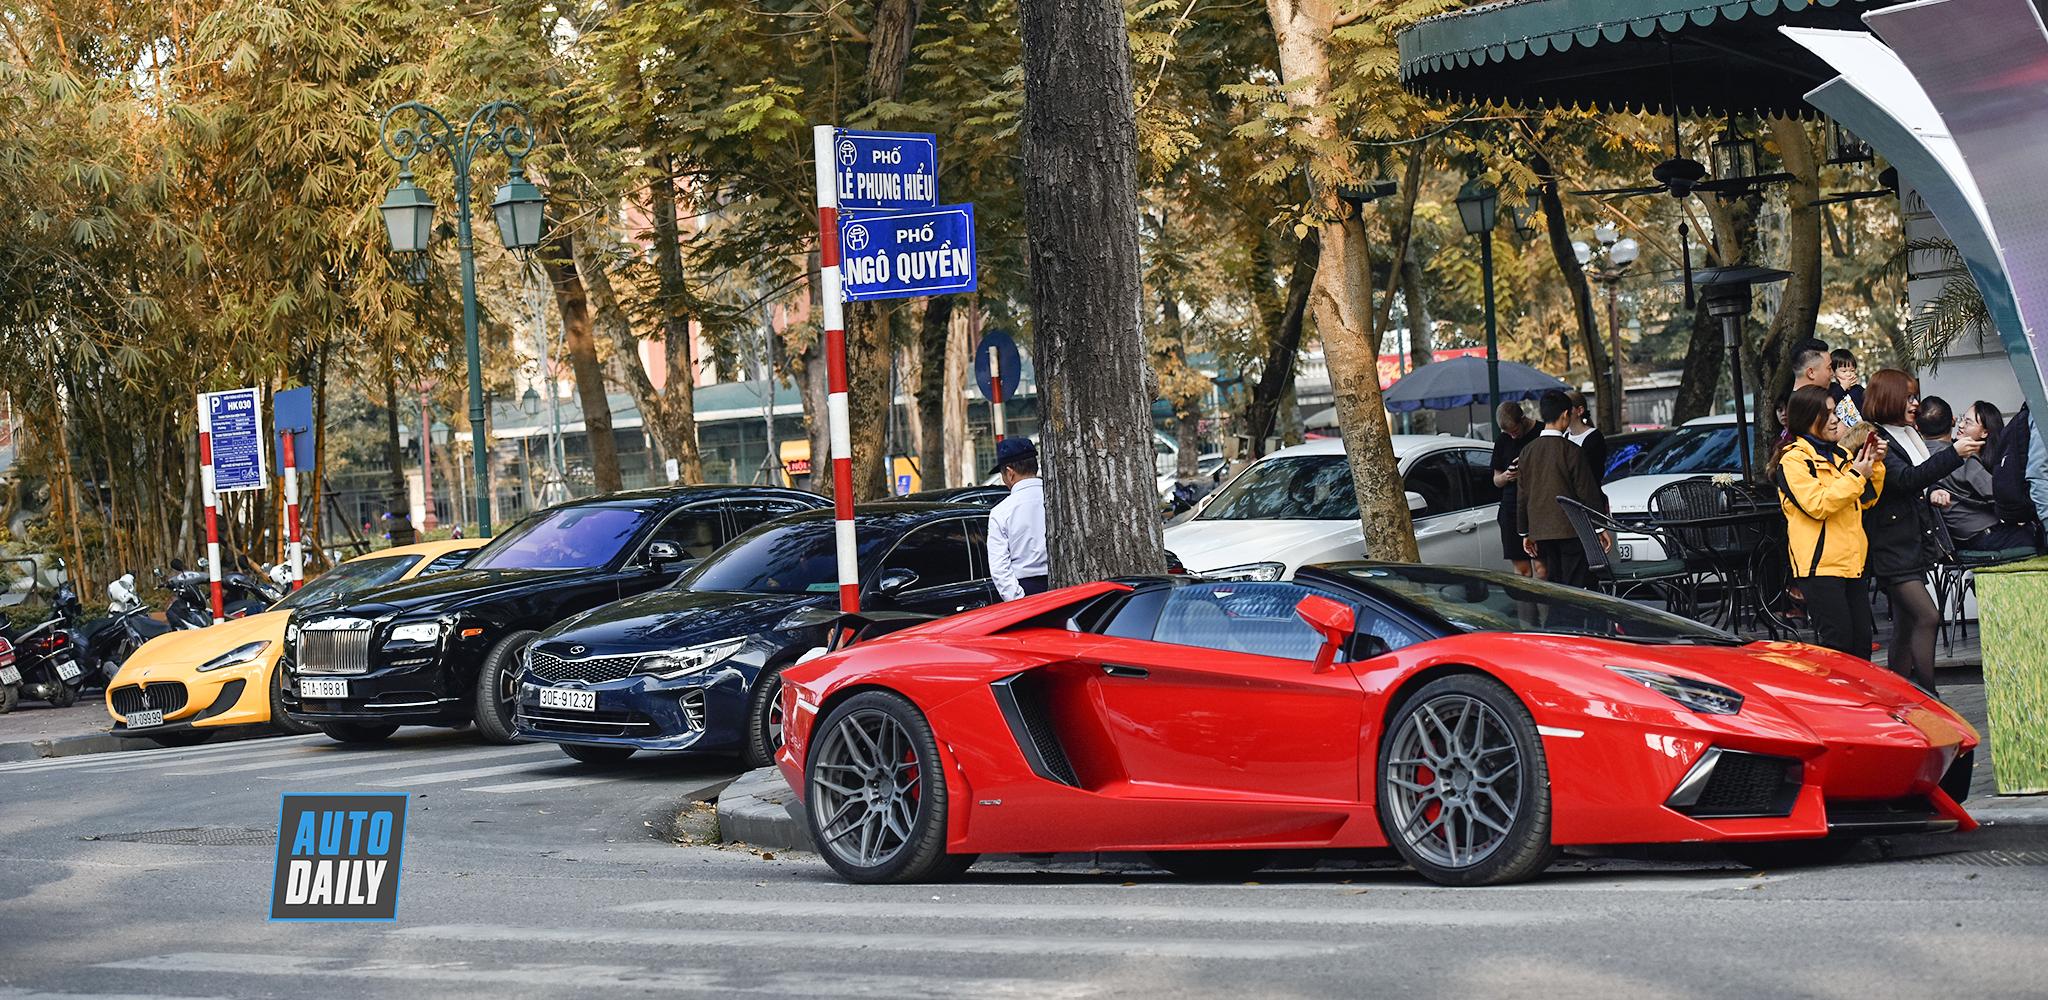 Siêu xe, xe siêu sang Hà Nội xuống phố dịp cuối tuần cận Tết